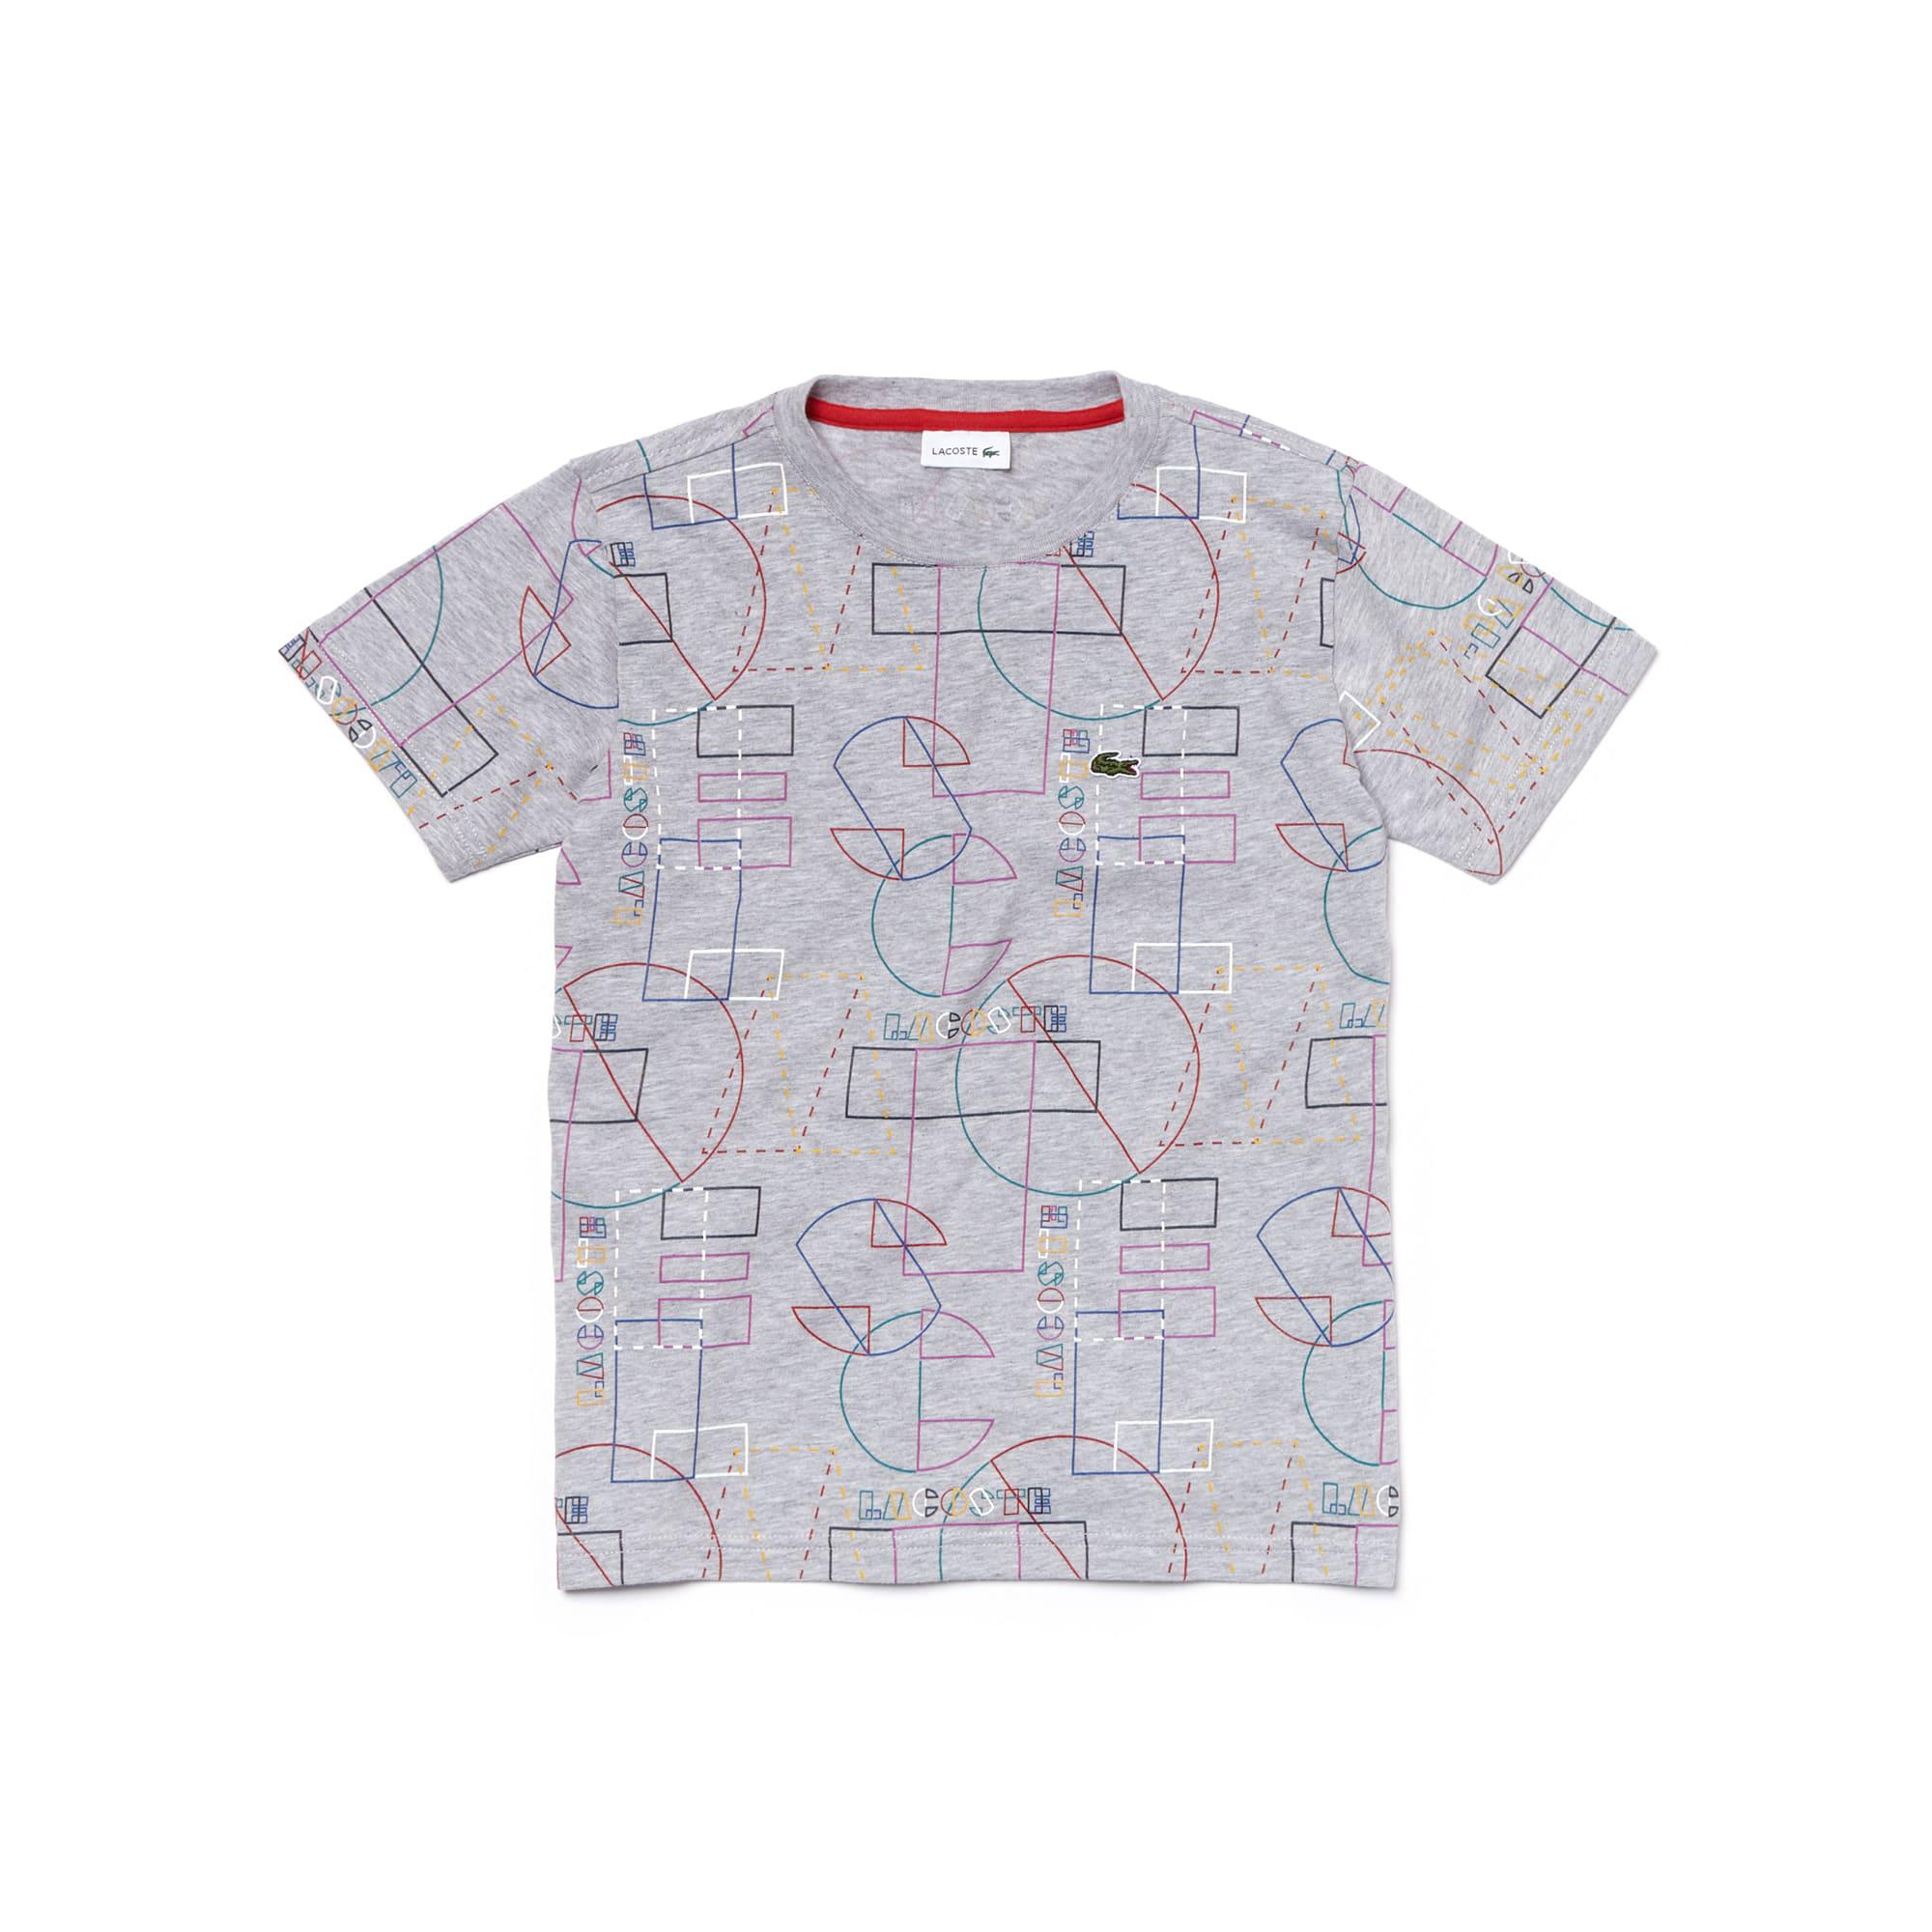 T-shirt Bambino a girocollo in jersey di cotone con stampa geometrica